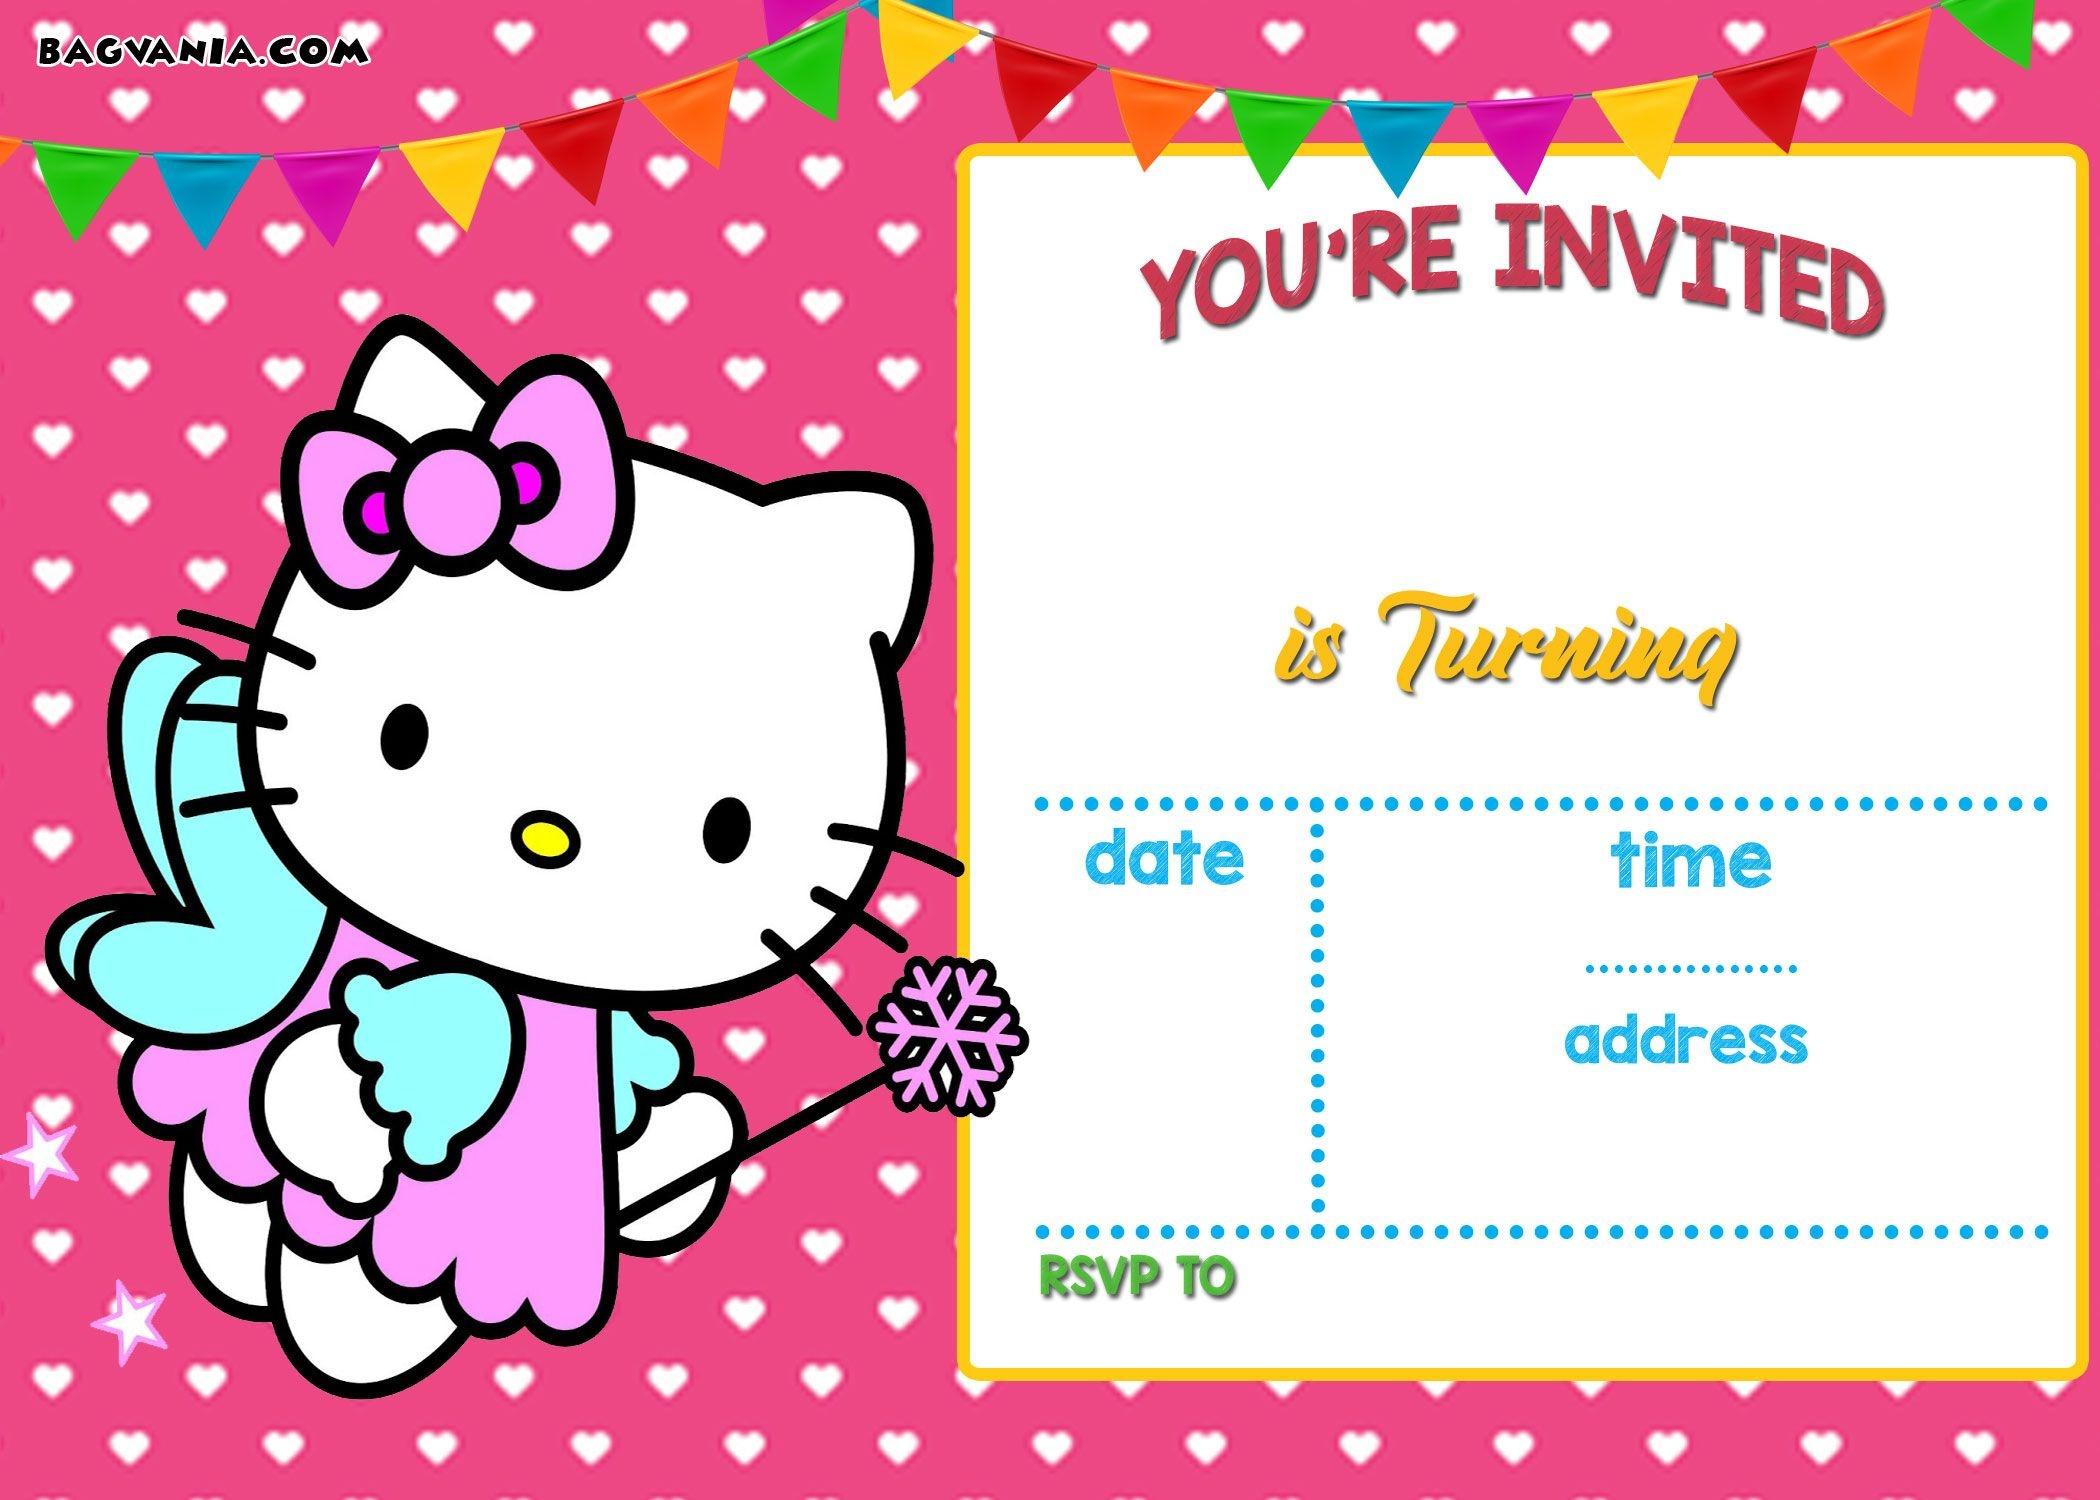 Free Hello Kitty Invitation Templates   Free Printable Birthday - Free Printable Hello Kitty Baby Shower Invitations